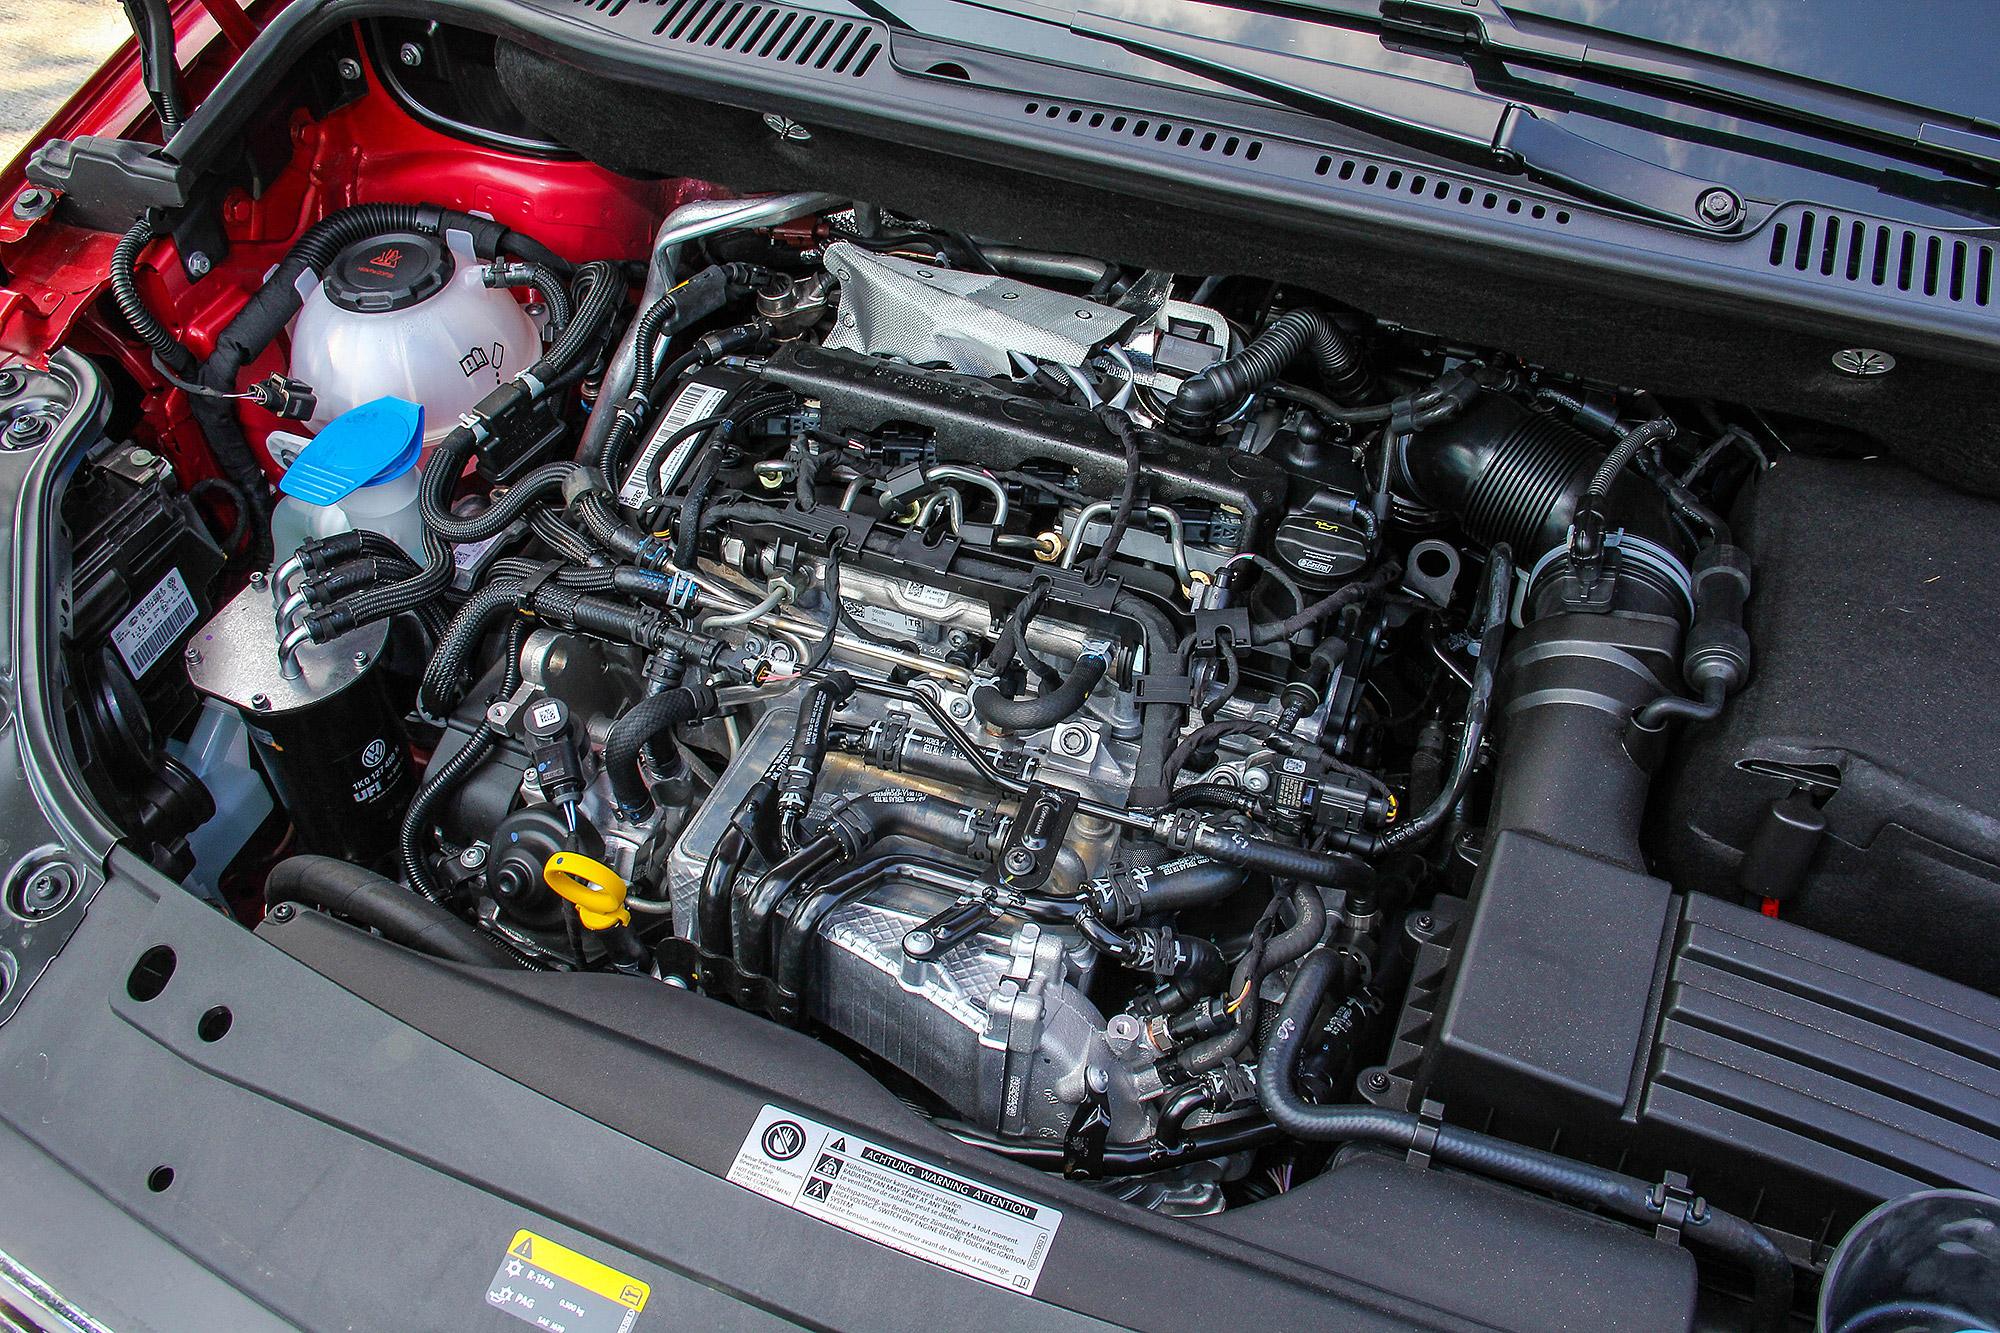 前驅車型的 2.0 TDI 柴油引擎輸出為 102 匹馬力與 25.5 公斤米扭力。